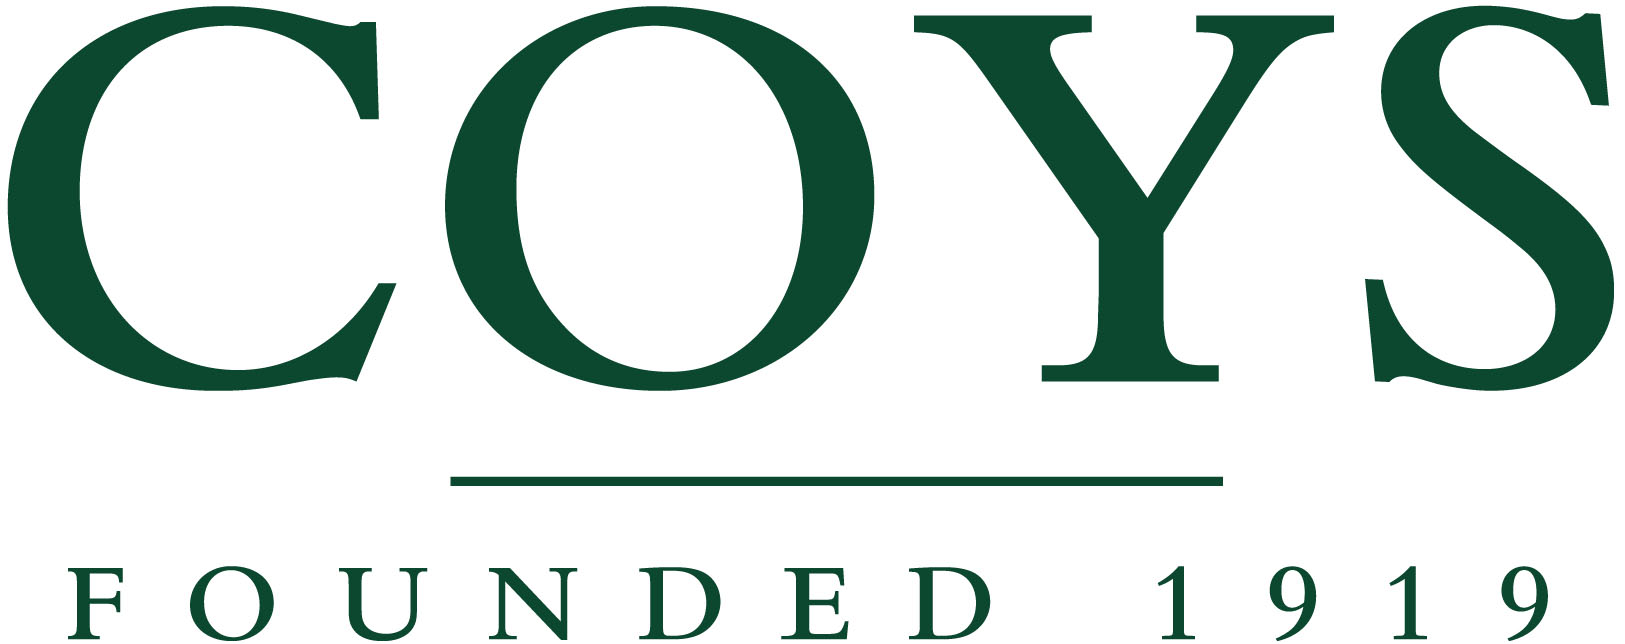 Coys logo